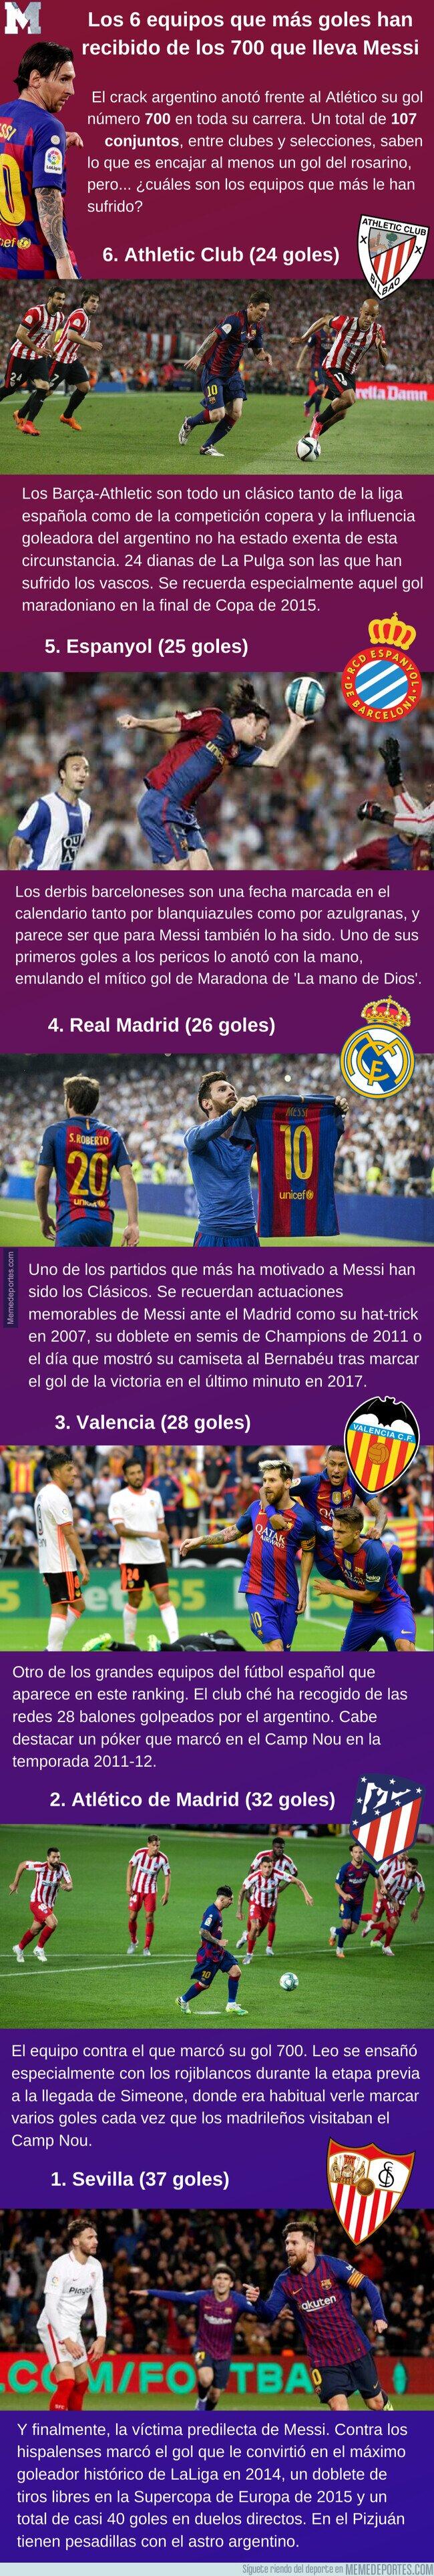 1108250 - Los 6 equipos que más goles han recibido de los 700 que lleva Messi